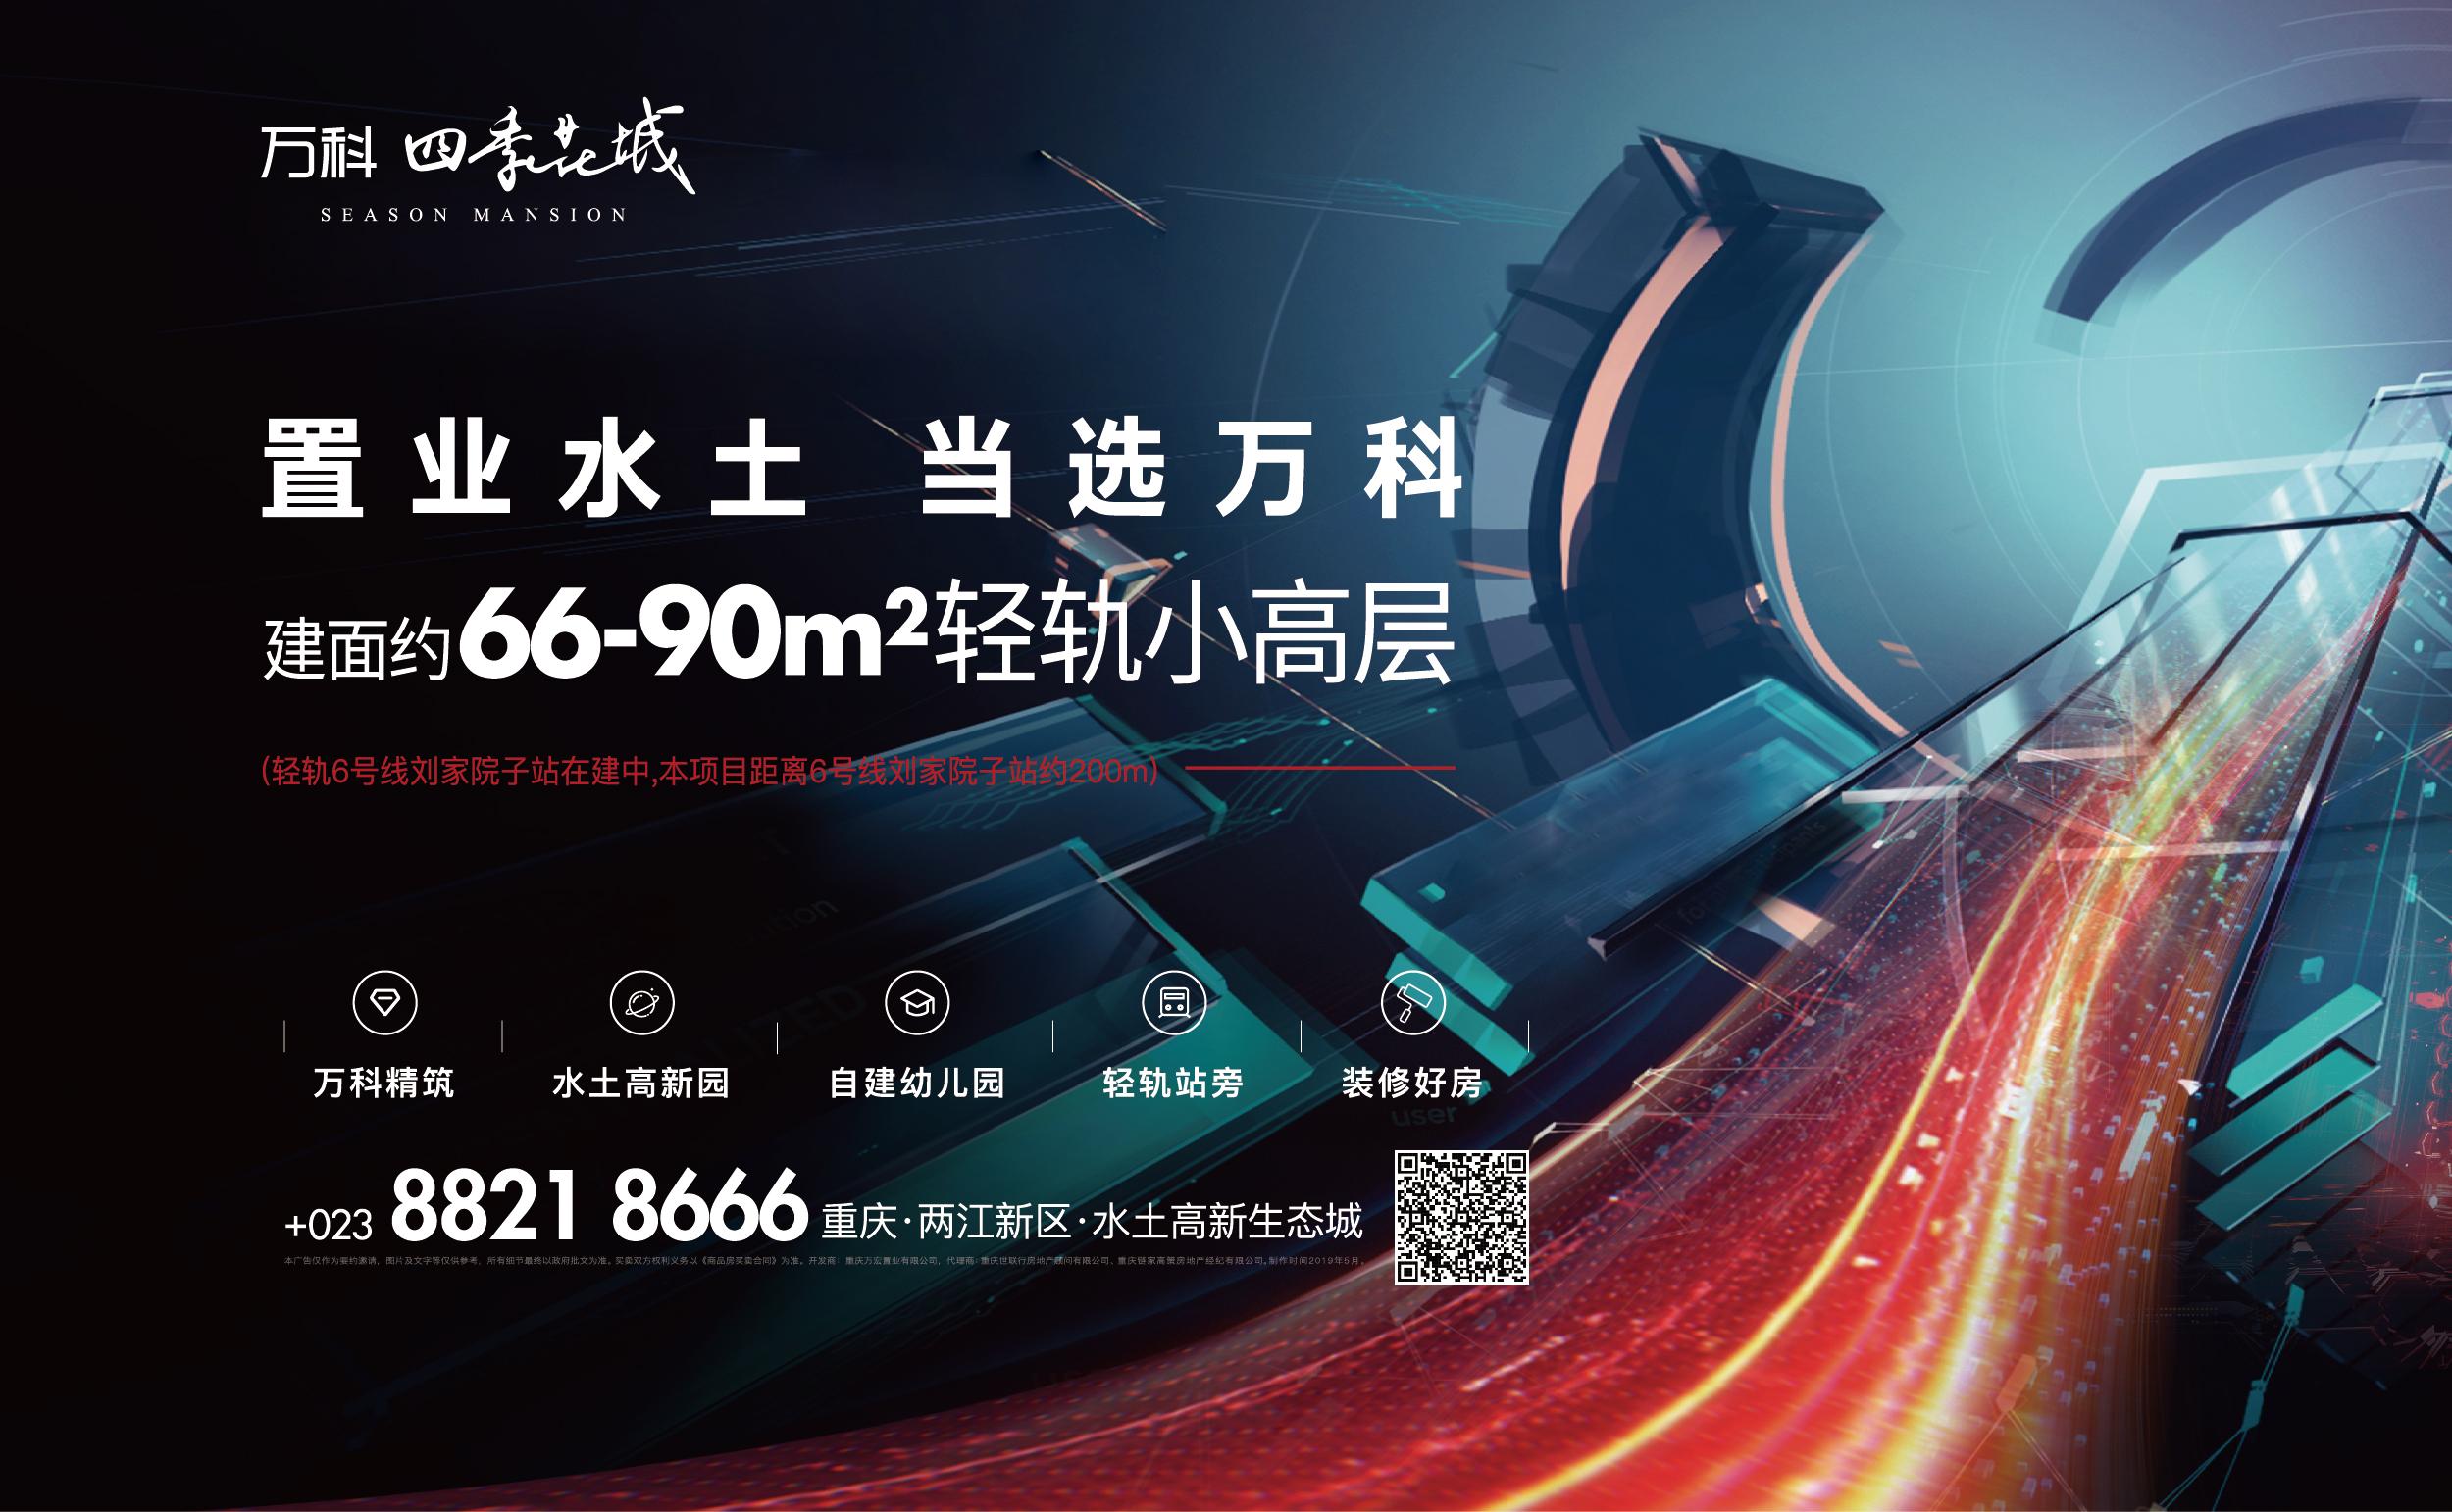 http://property.zhonghongwang.com/show-94-2352-1.html